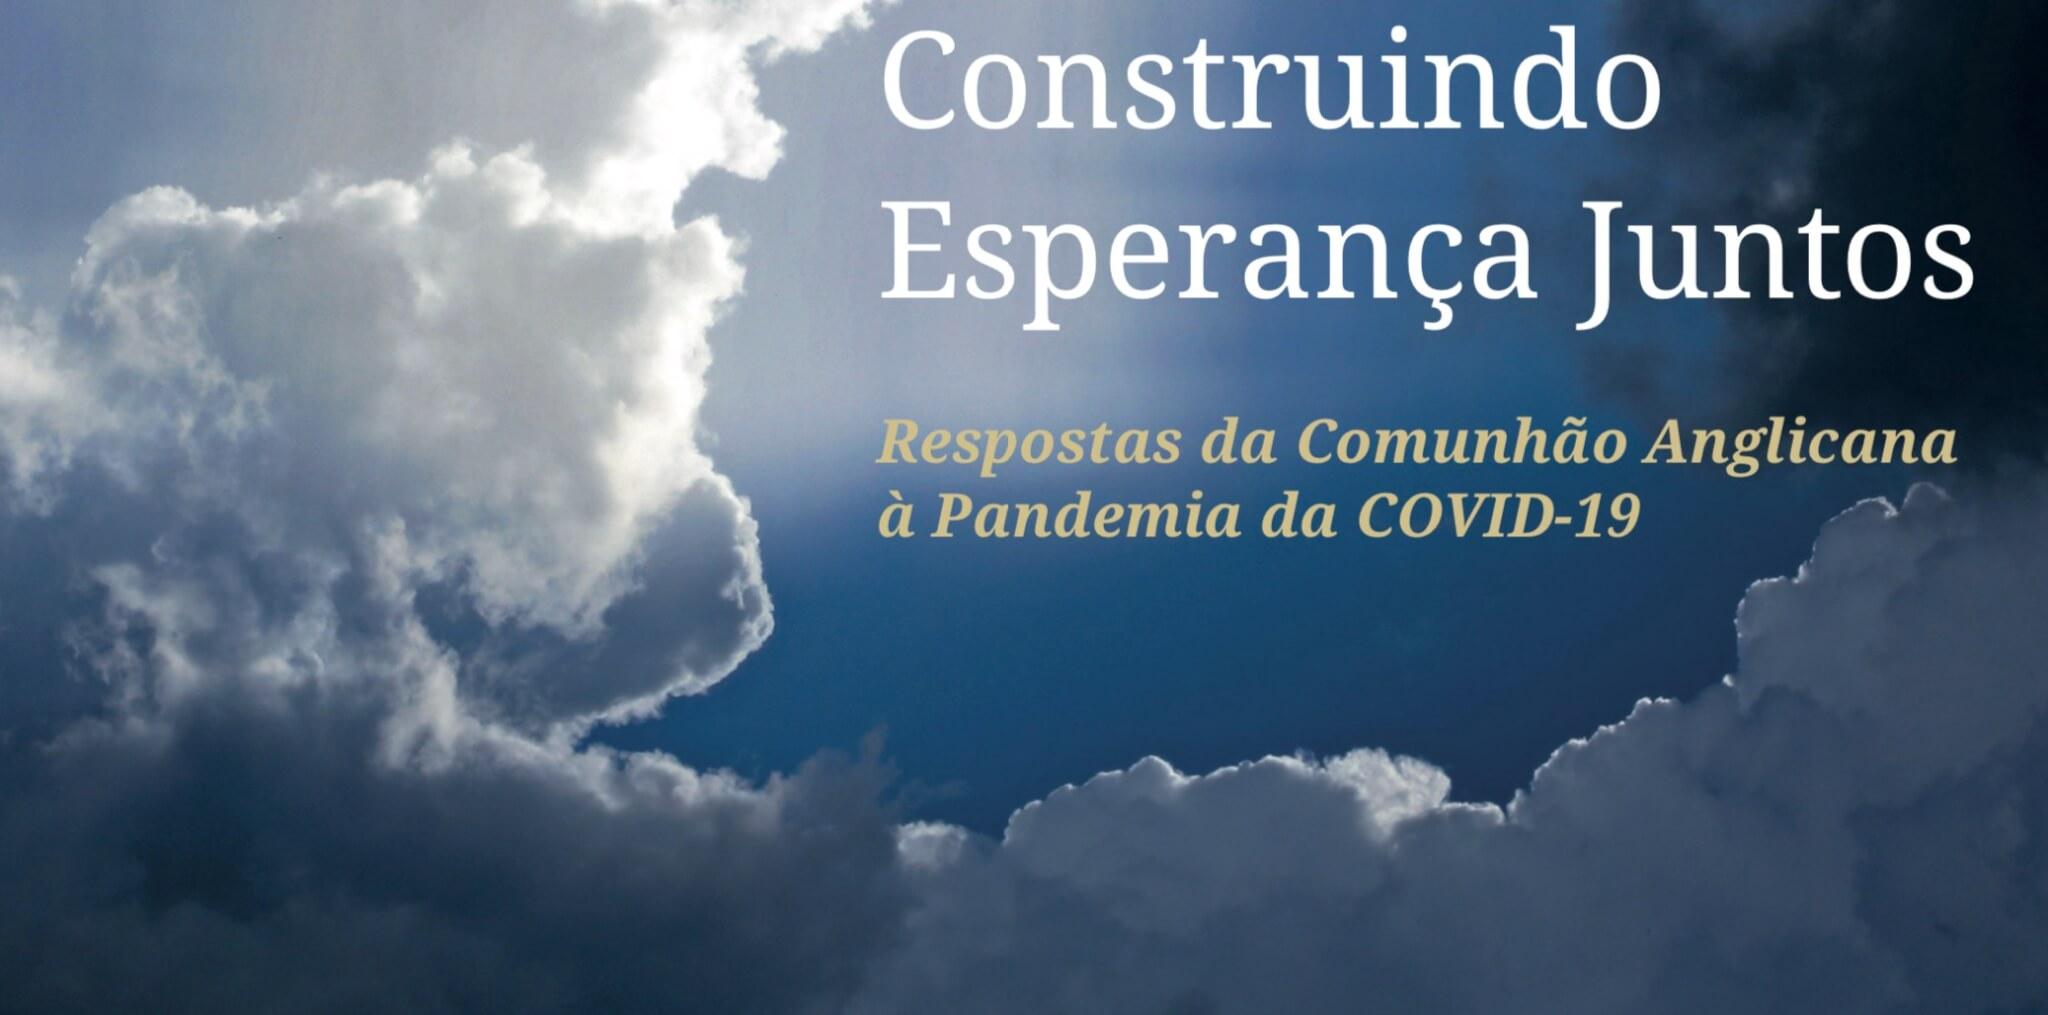 Portuguese Covid report image